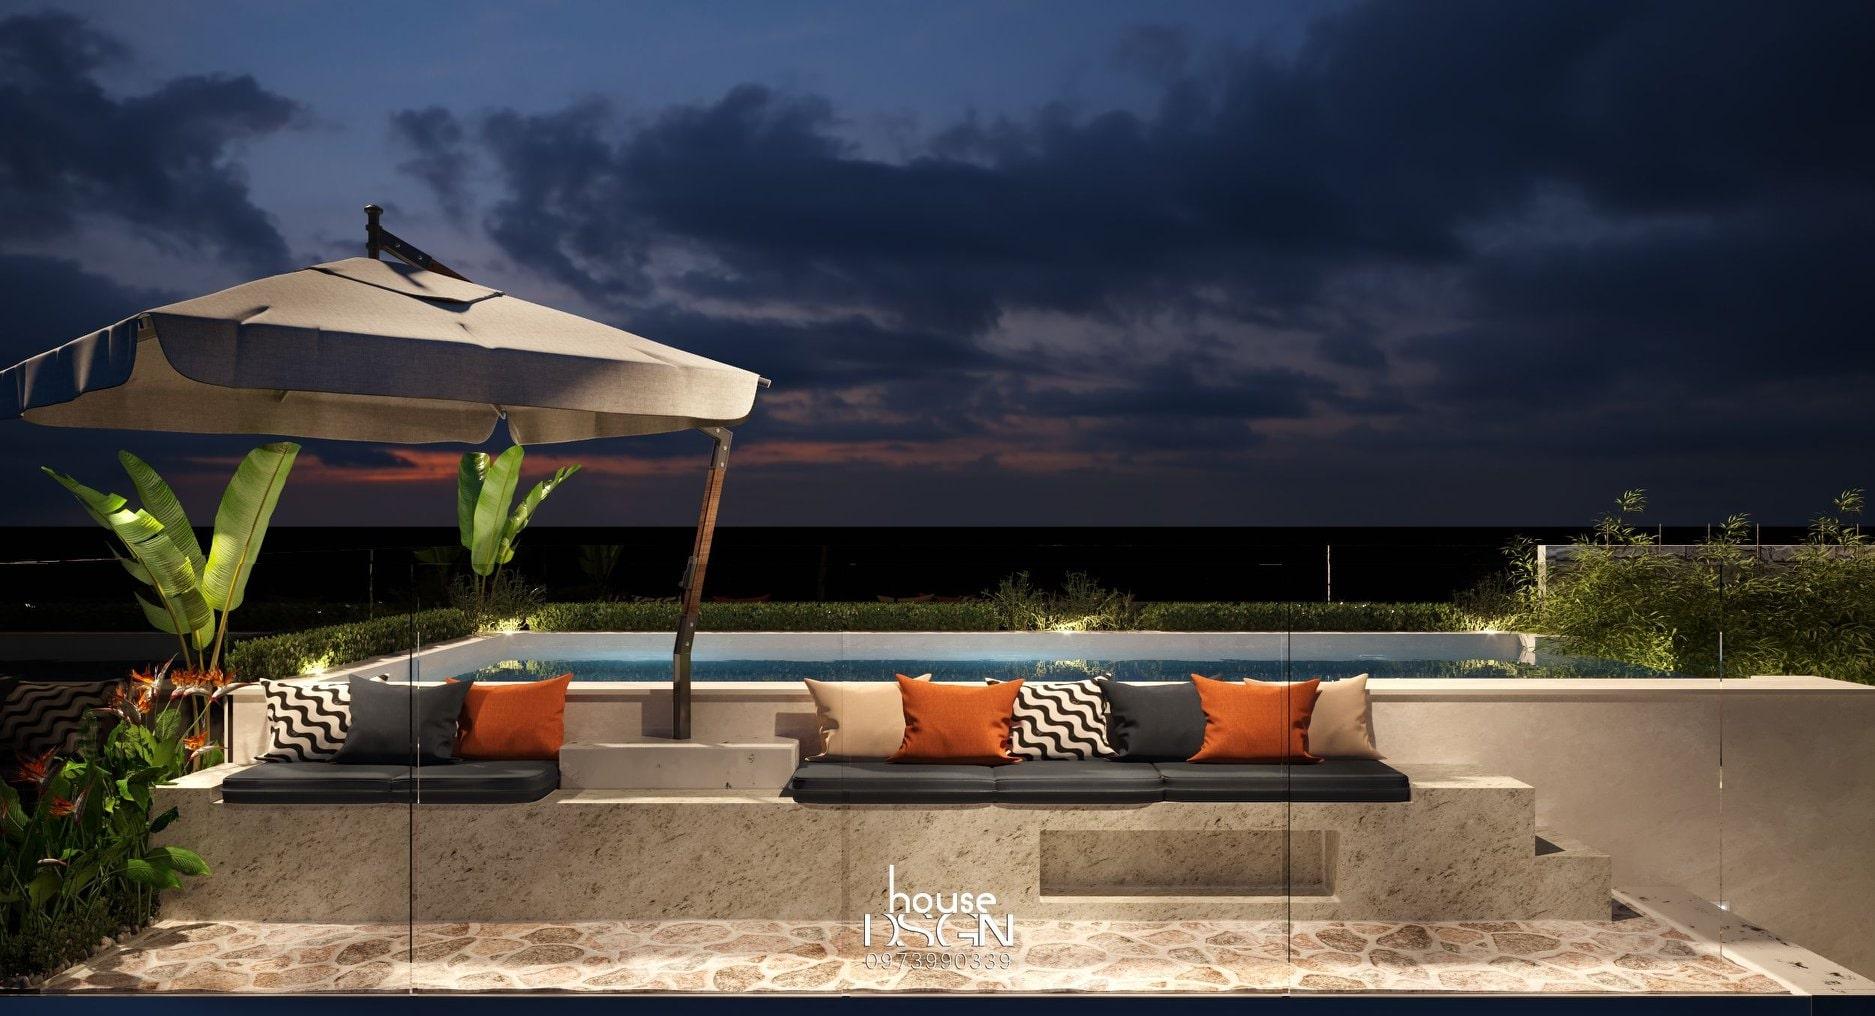 các mẫu thiết kế nội thất biệt thự cho hồ bơi